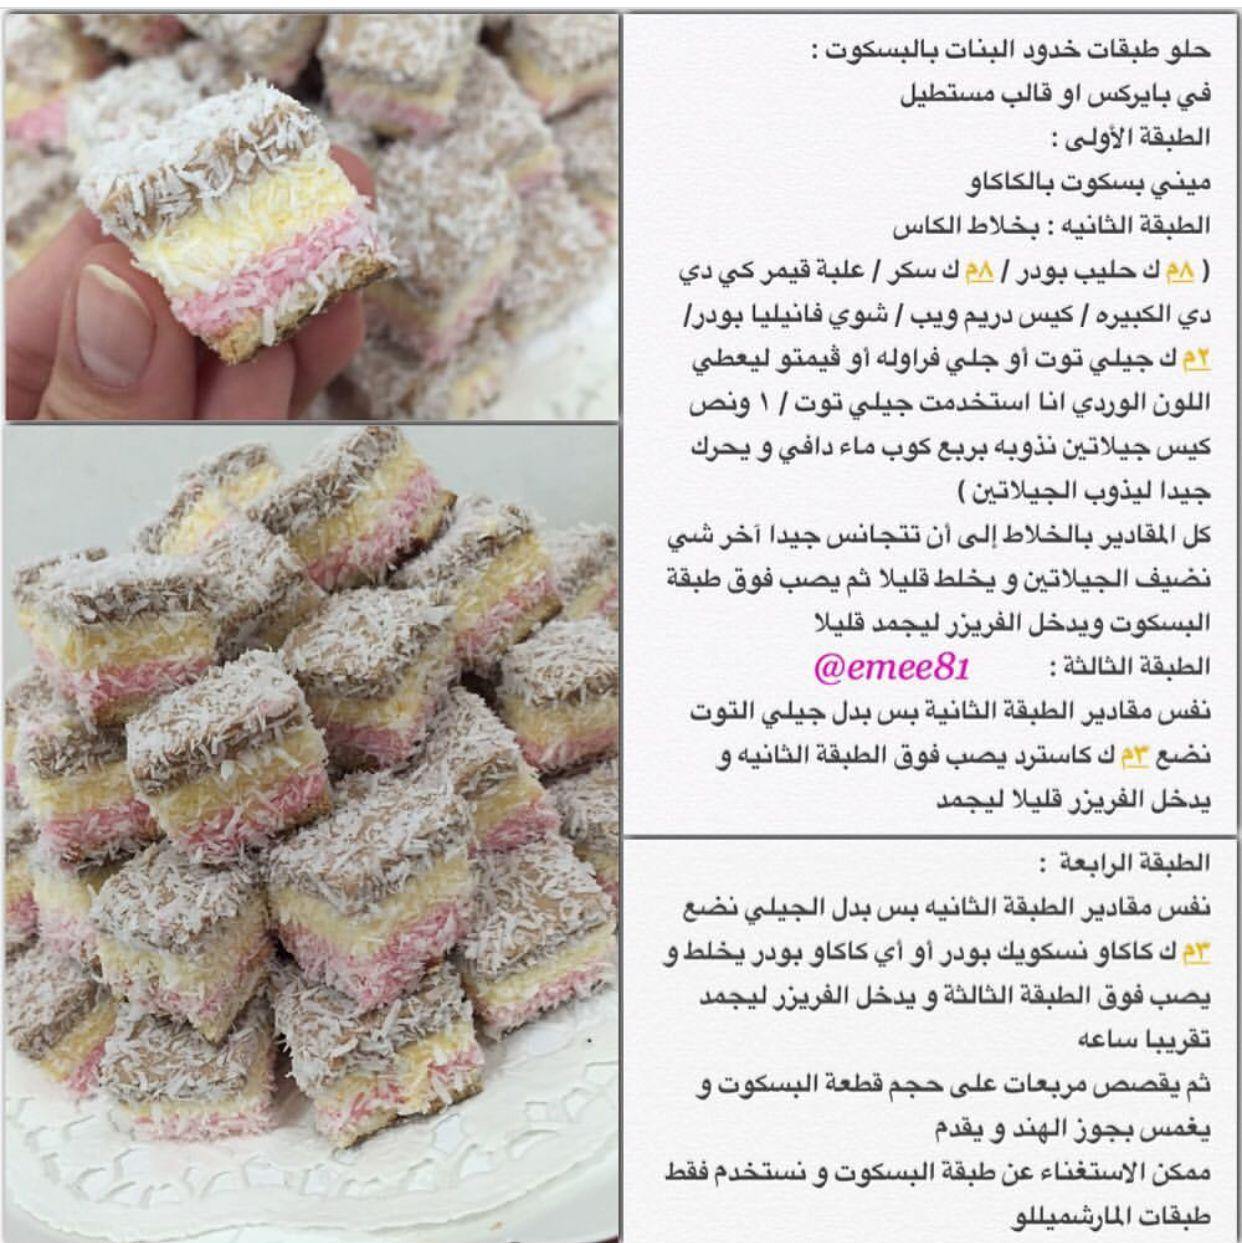 حلو خدود البنات بالبسكوت Arabic Food Food And Drink Cooking